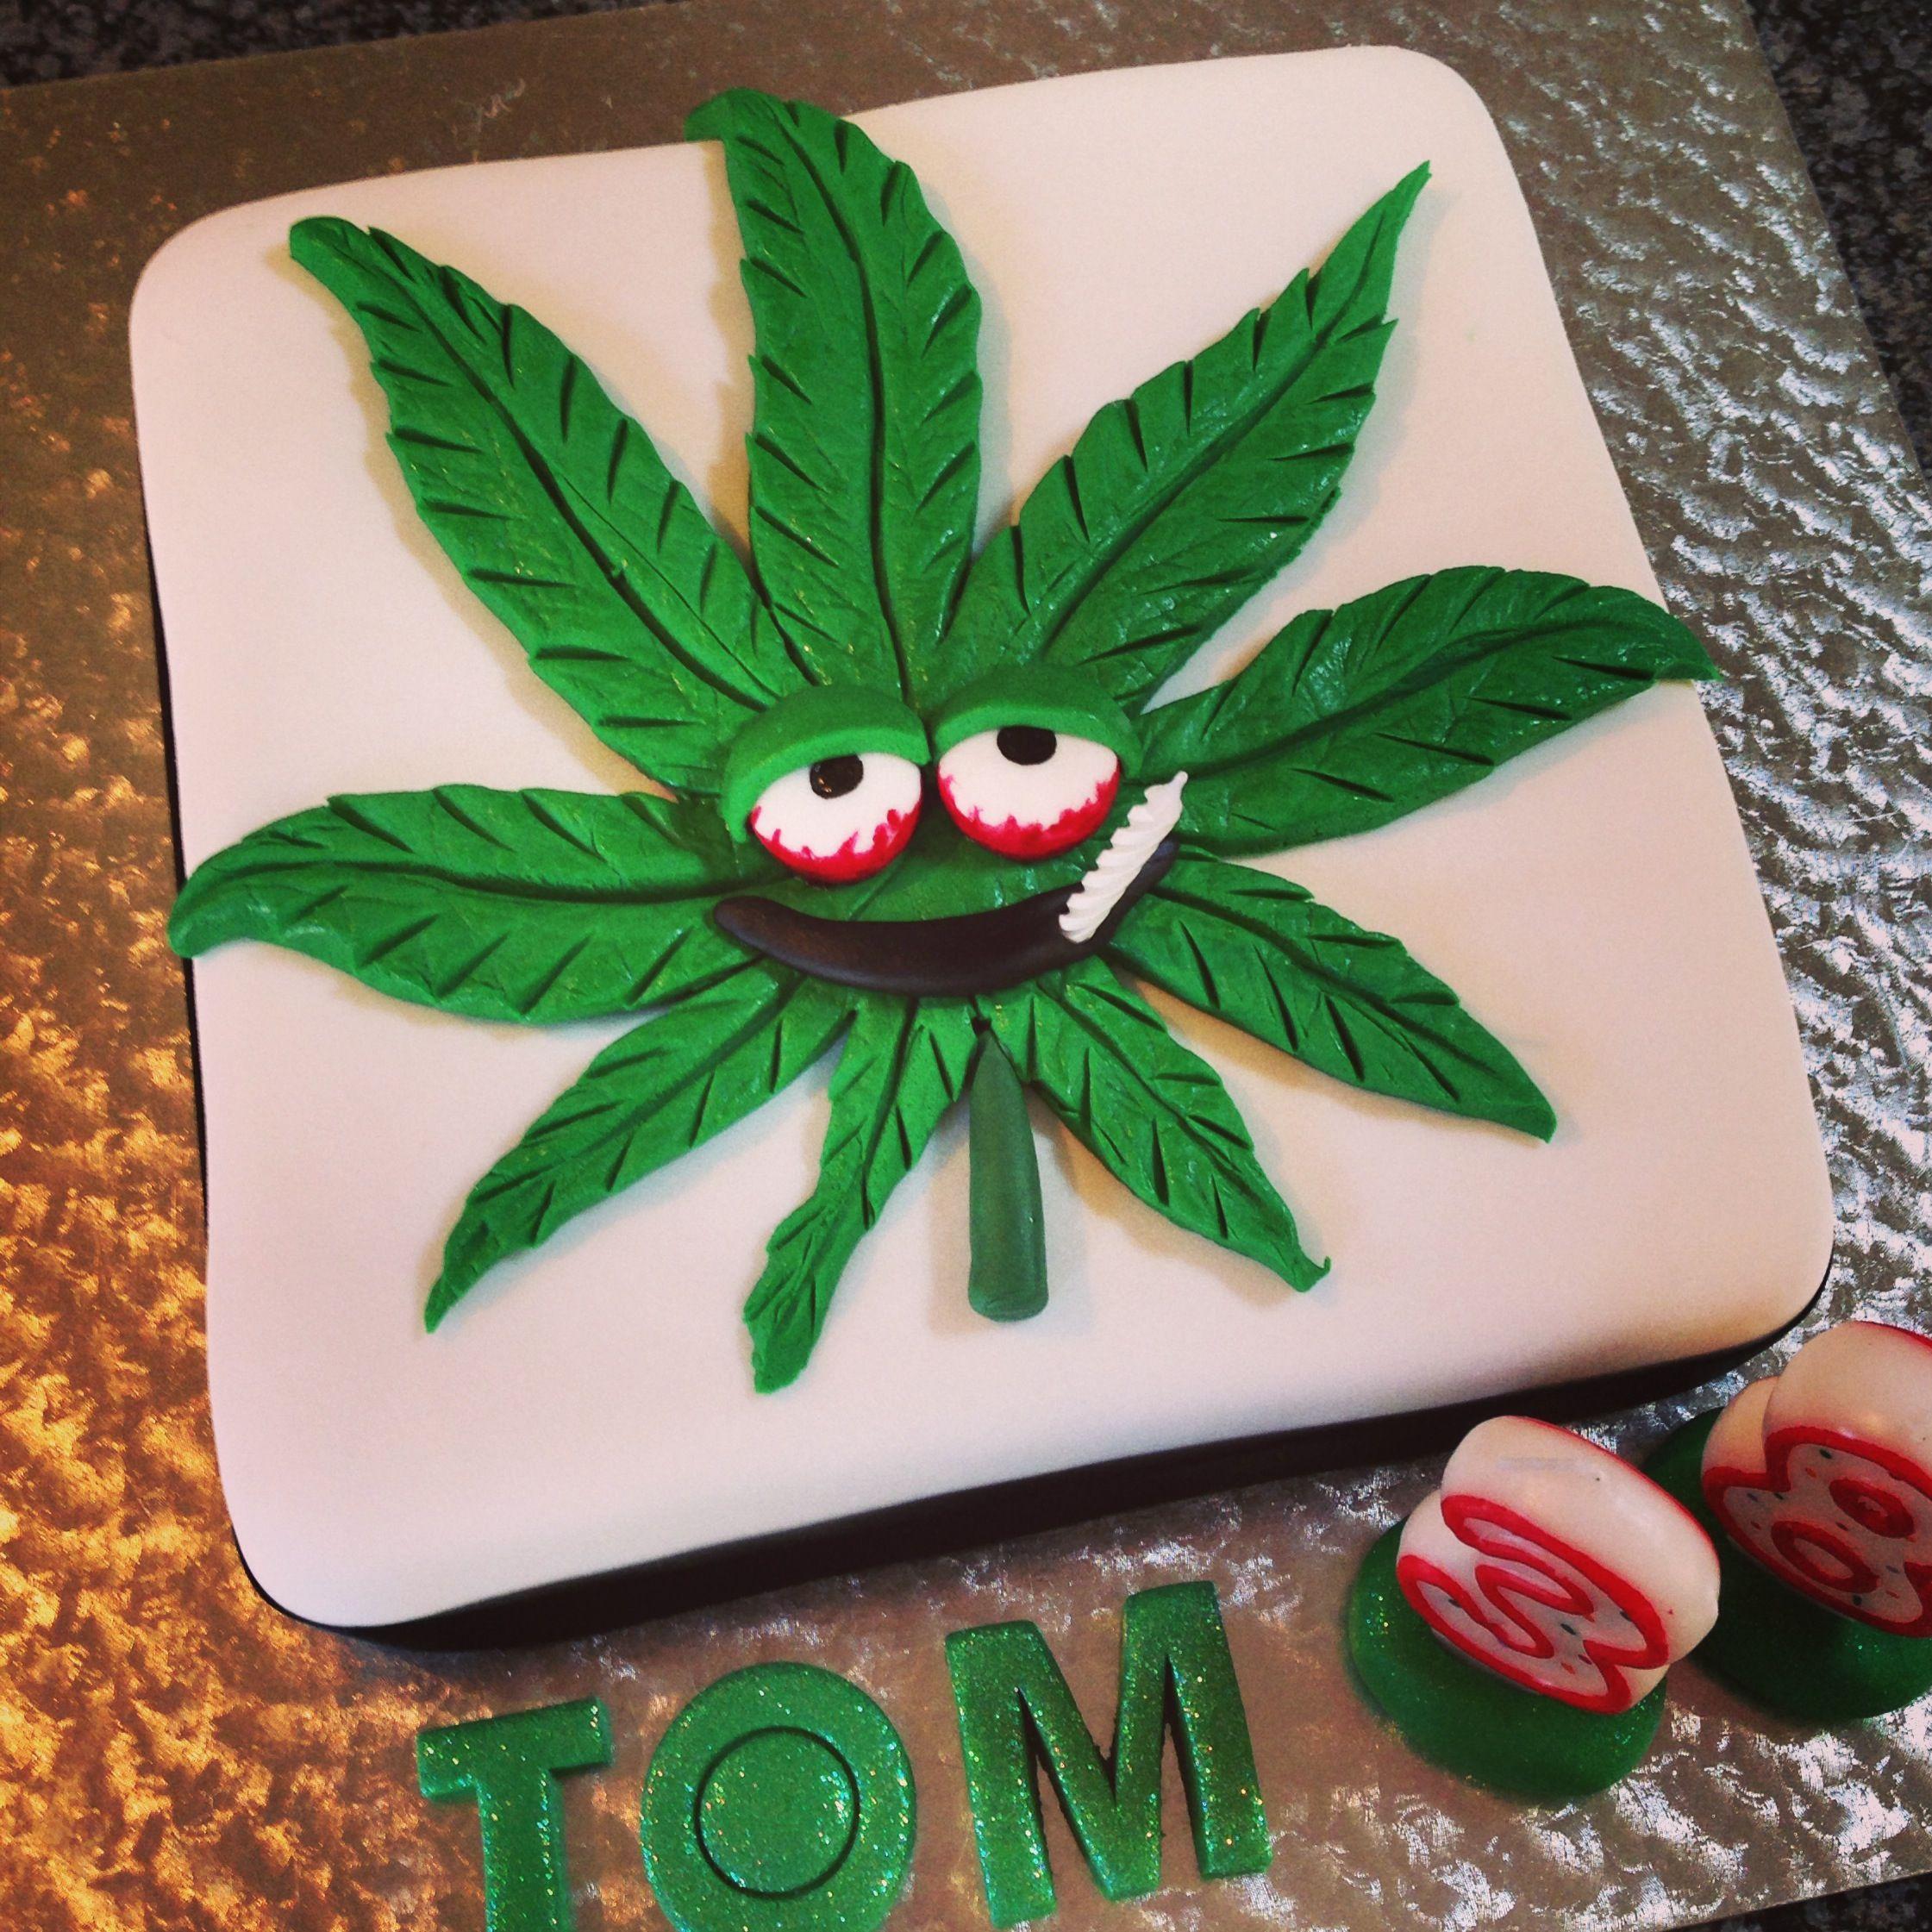 Лист конопли торт крови марихуану тест на